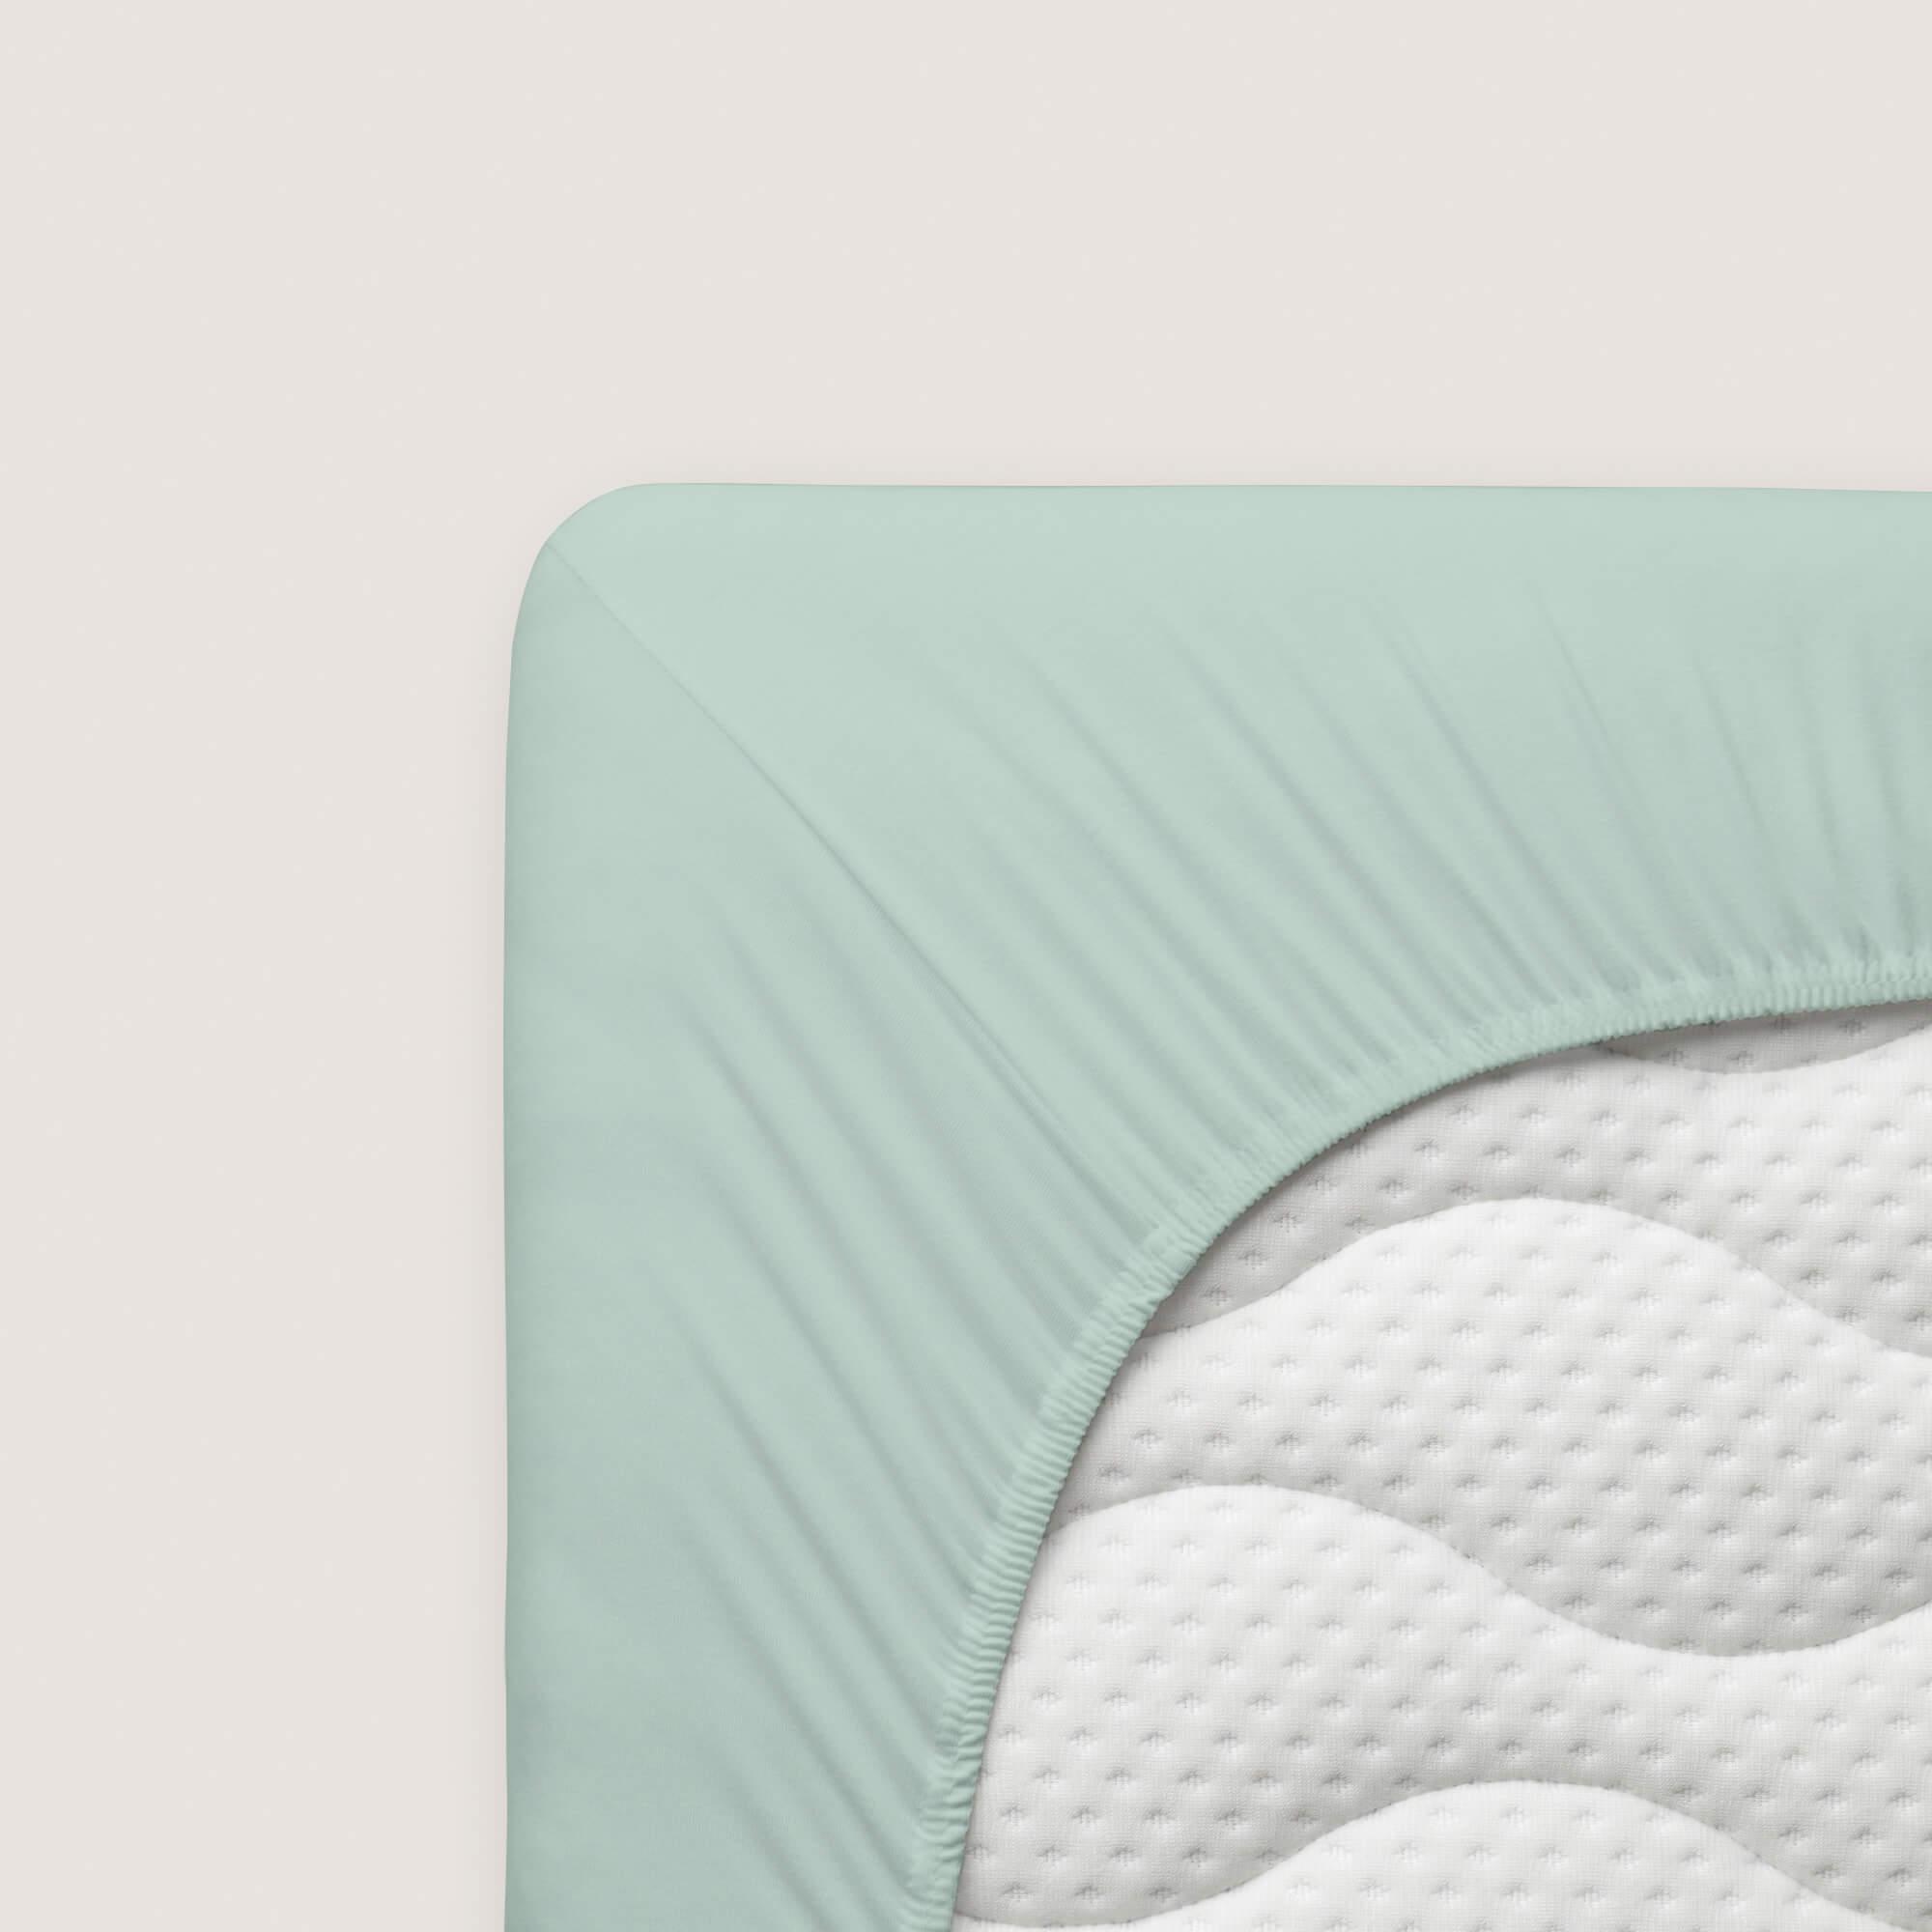 hellgruenes schlafgut Spannbettlaken Zwirn Jersey aus Baumwolle/Elasthan